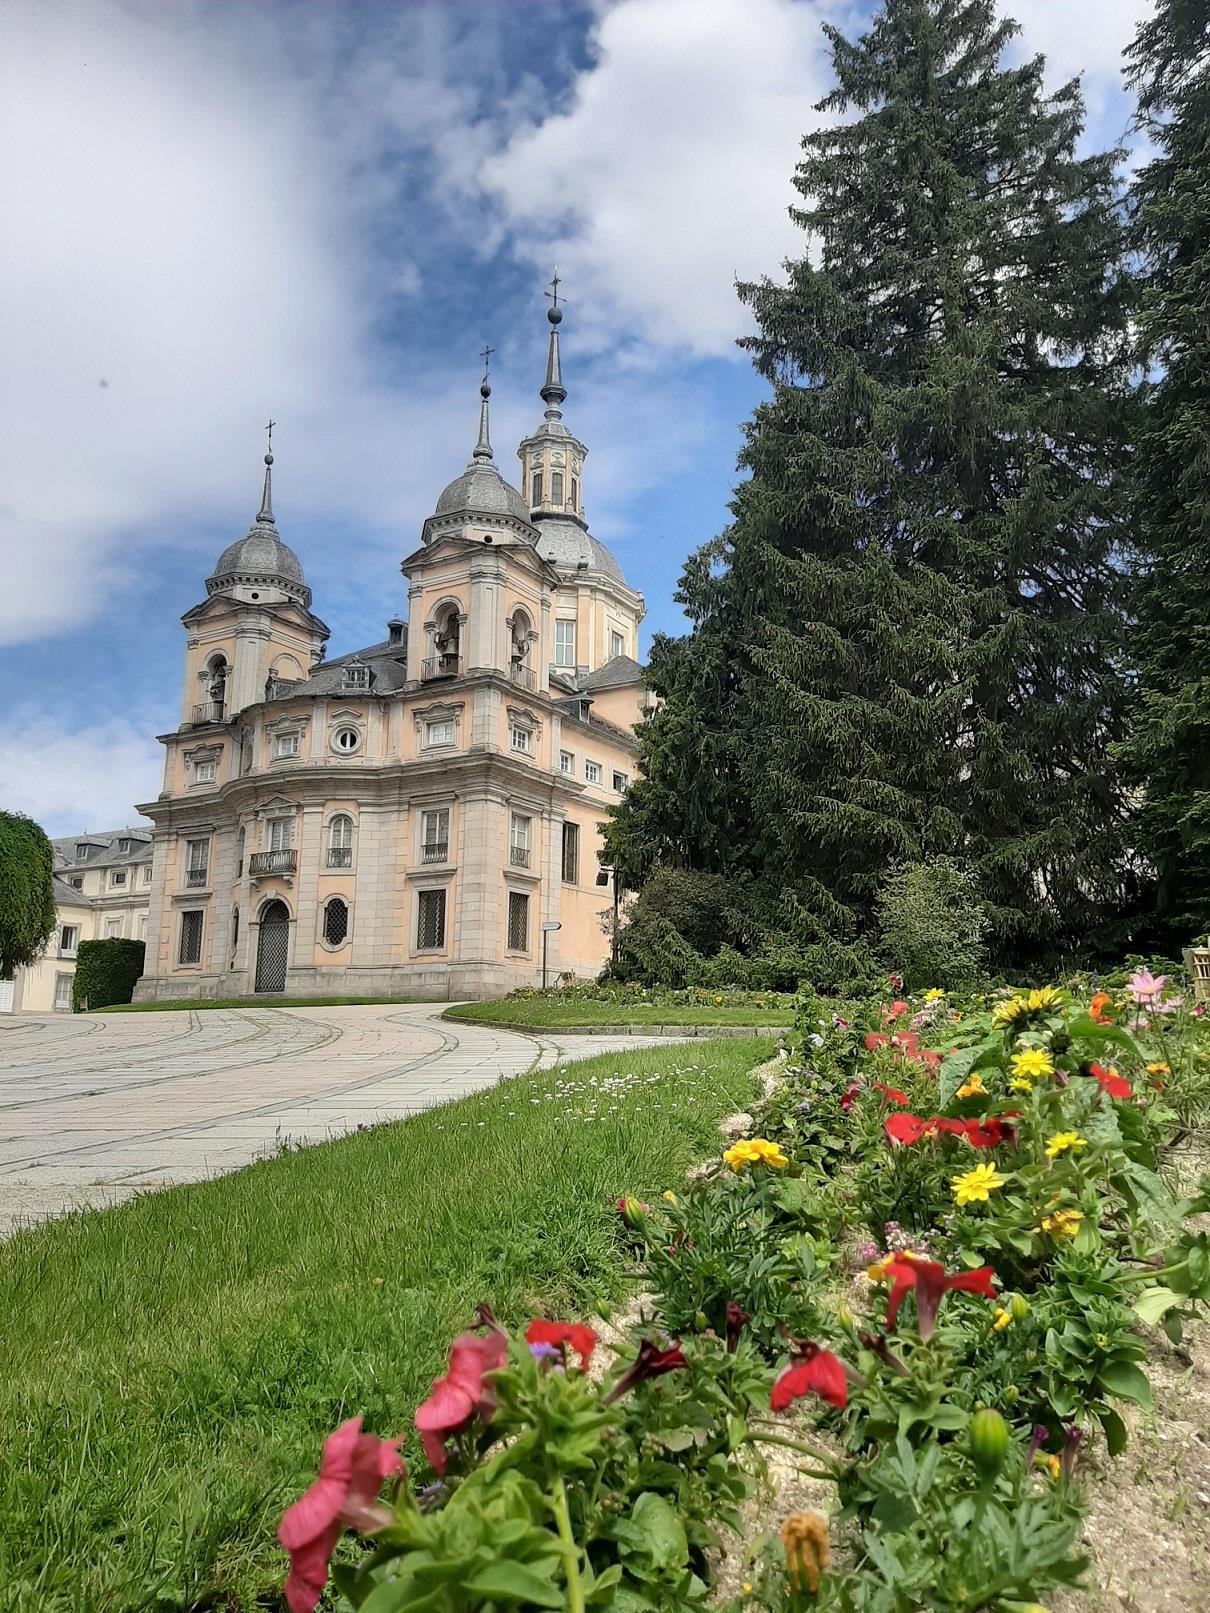 Royal-Palace:-La-Granja-and-Riofrio-Guided-Visit-2